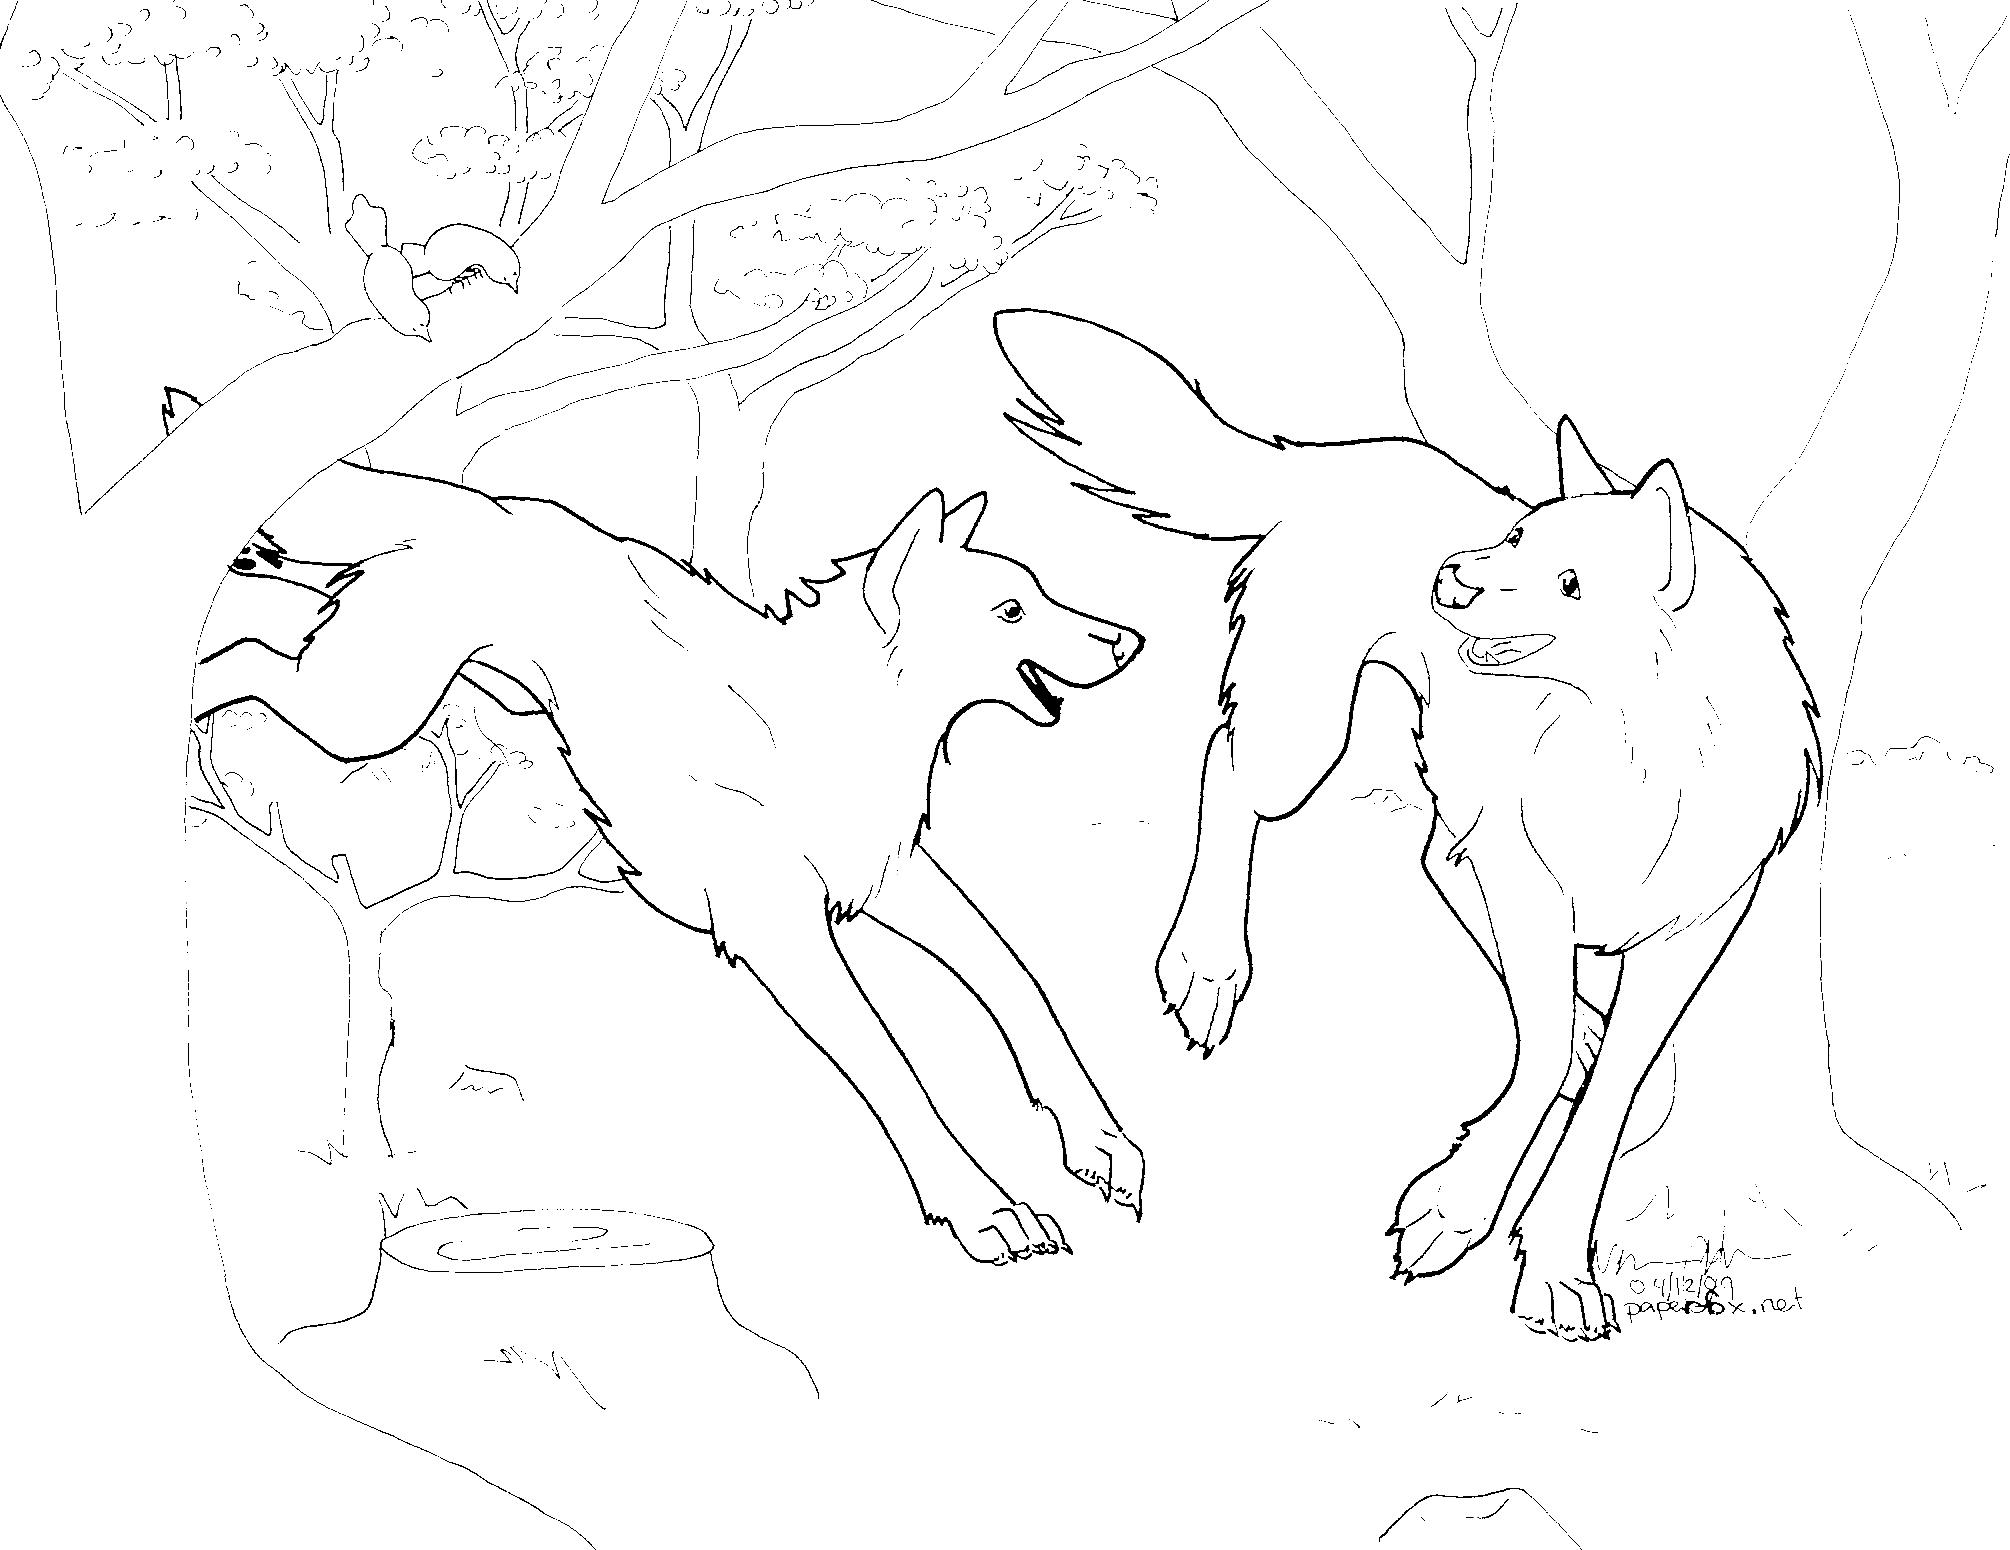 Line Art Quizlet : Poll wie vinden jullie het interessantste quizlet